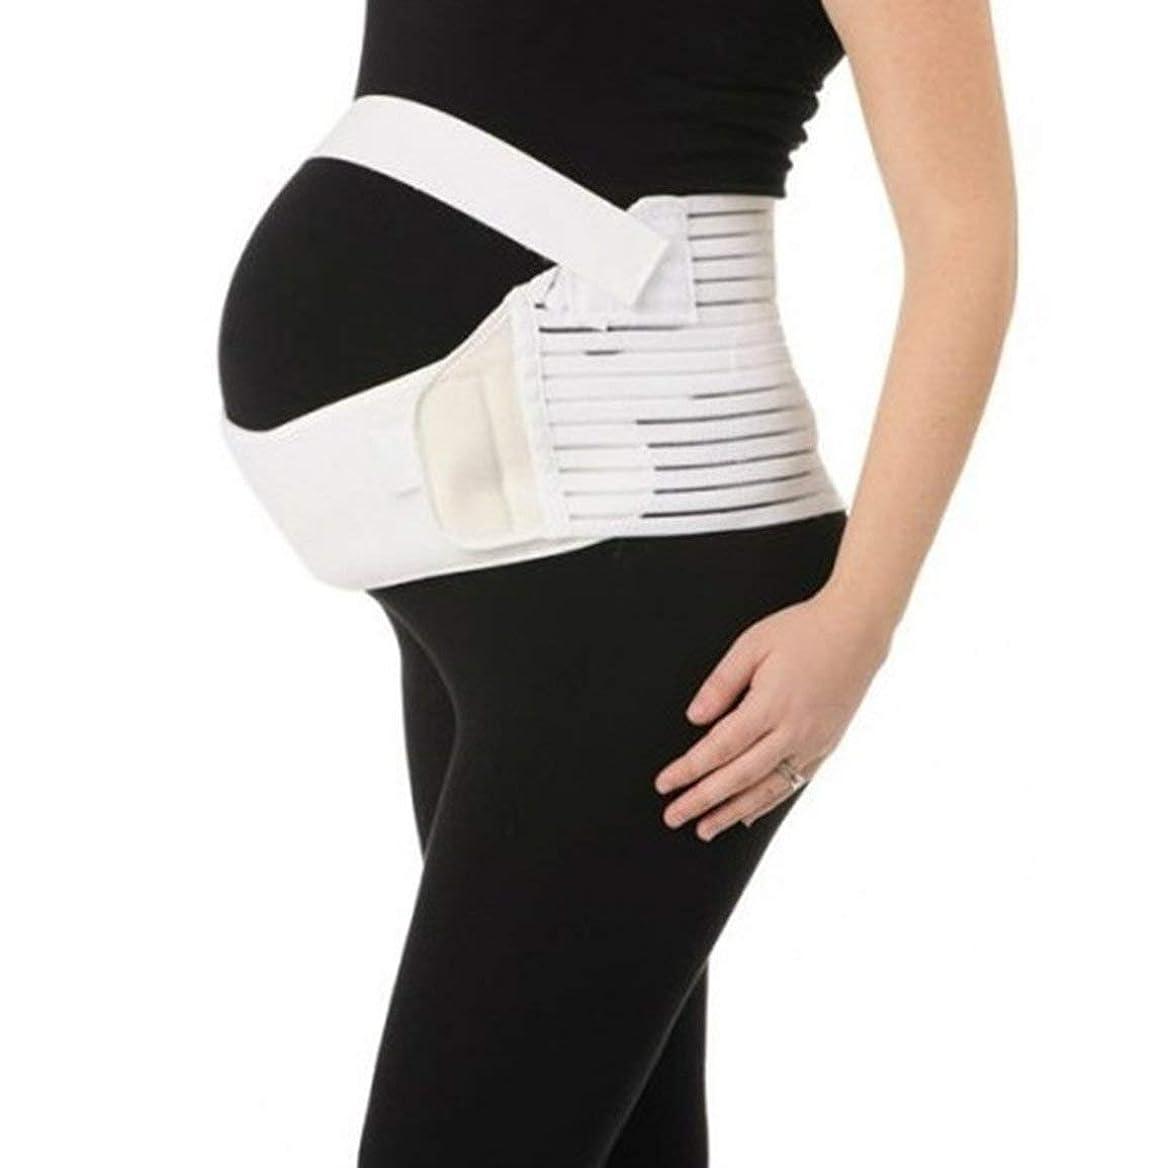 無謀相対的プロフィール通気性マタニティベルト妊娠腹部サポート腹部バインダーガードル運動包帯産後の回復shapewear - ホワイトL